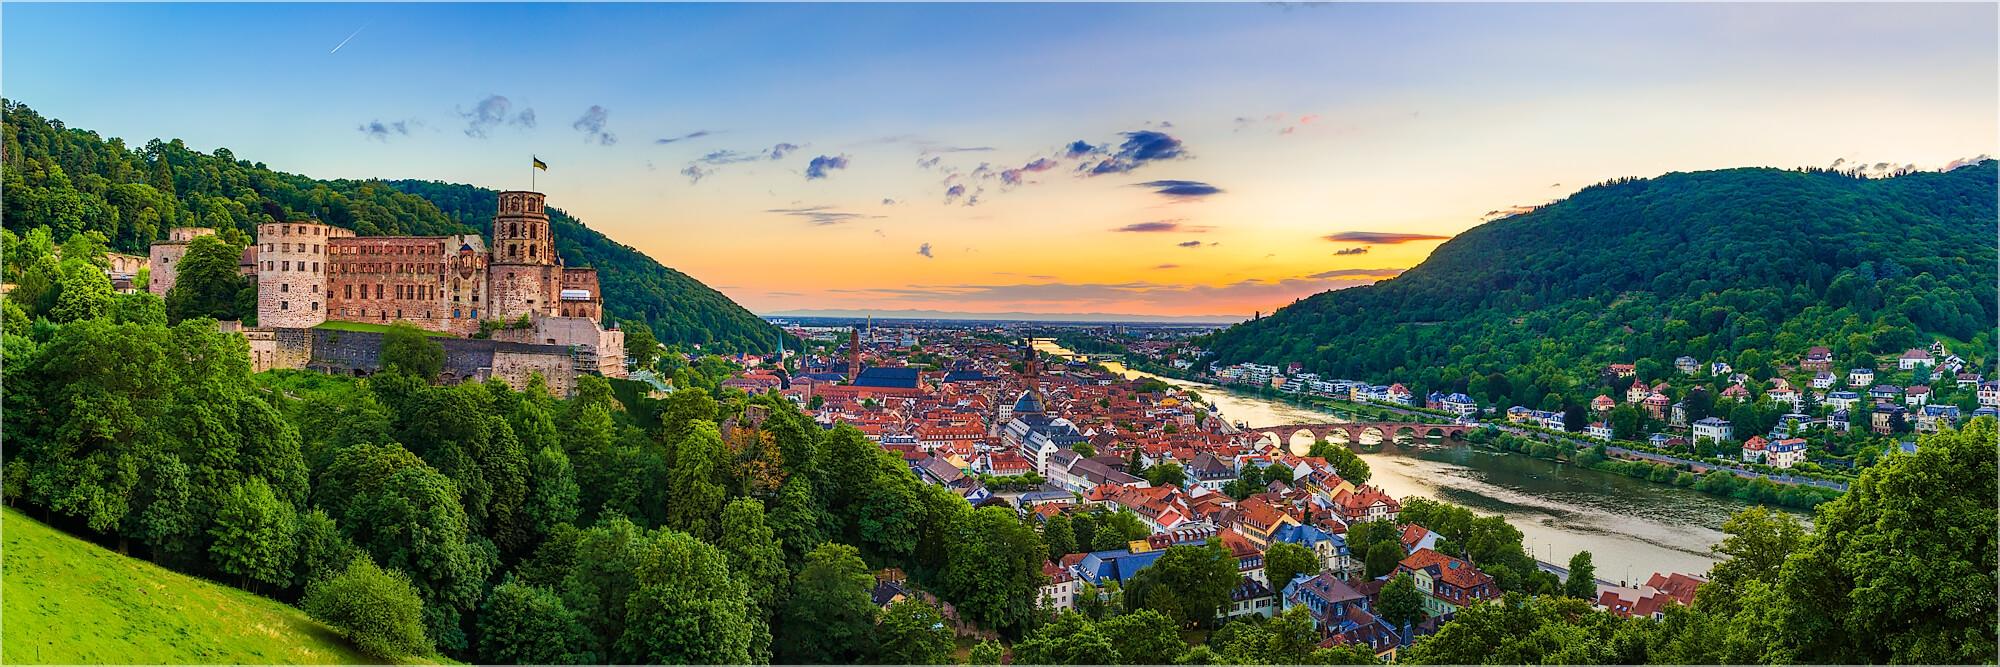 Panoramabild Blick über Heidelberg und das Schloß